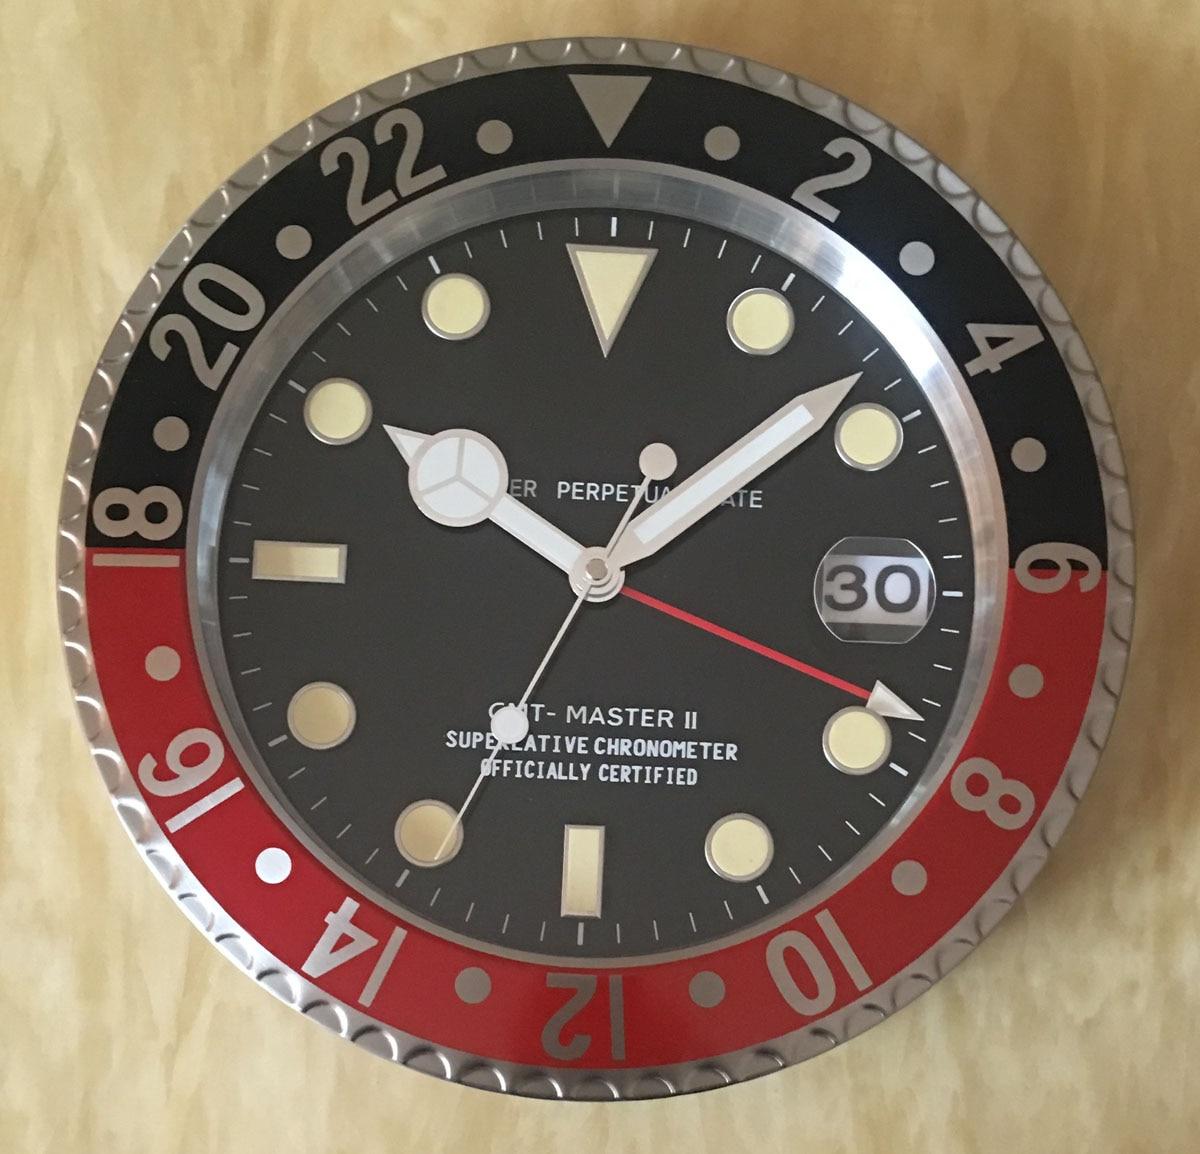 S & F con lupa al por menor Reloj de pared forma de Metal con calendario reloj de lujo en la pared - 3